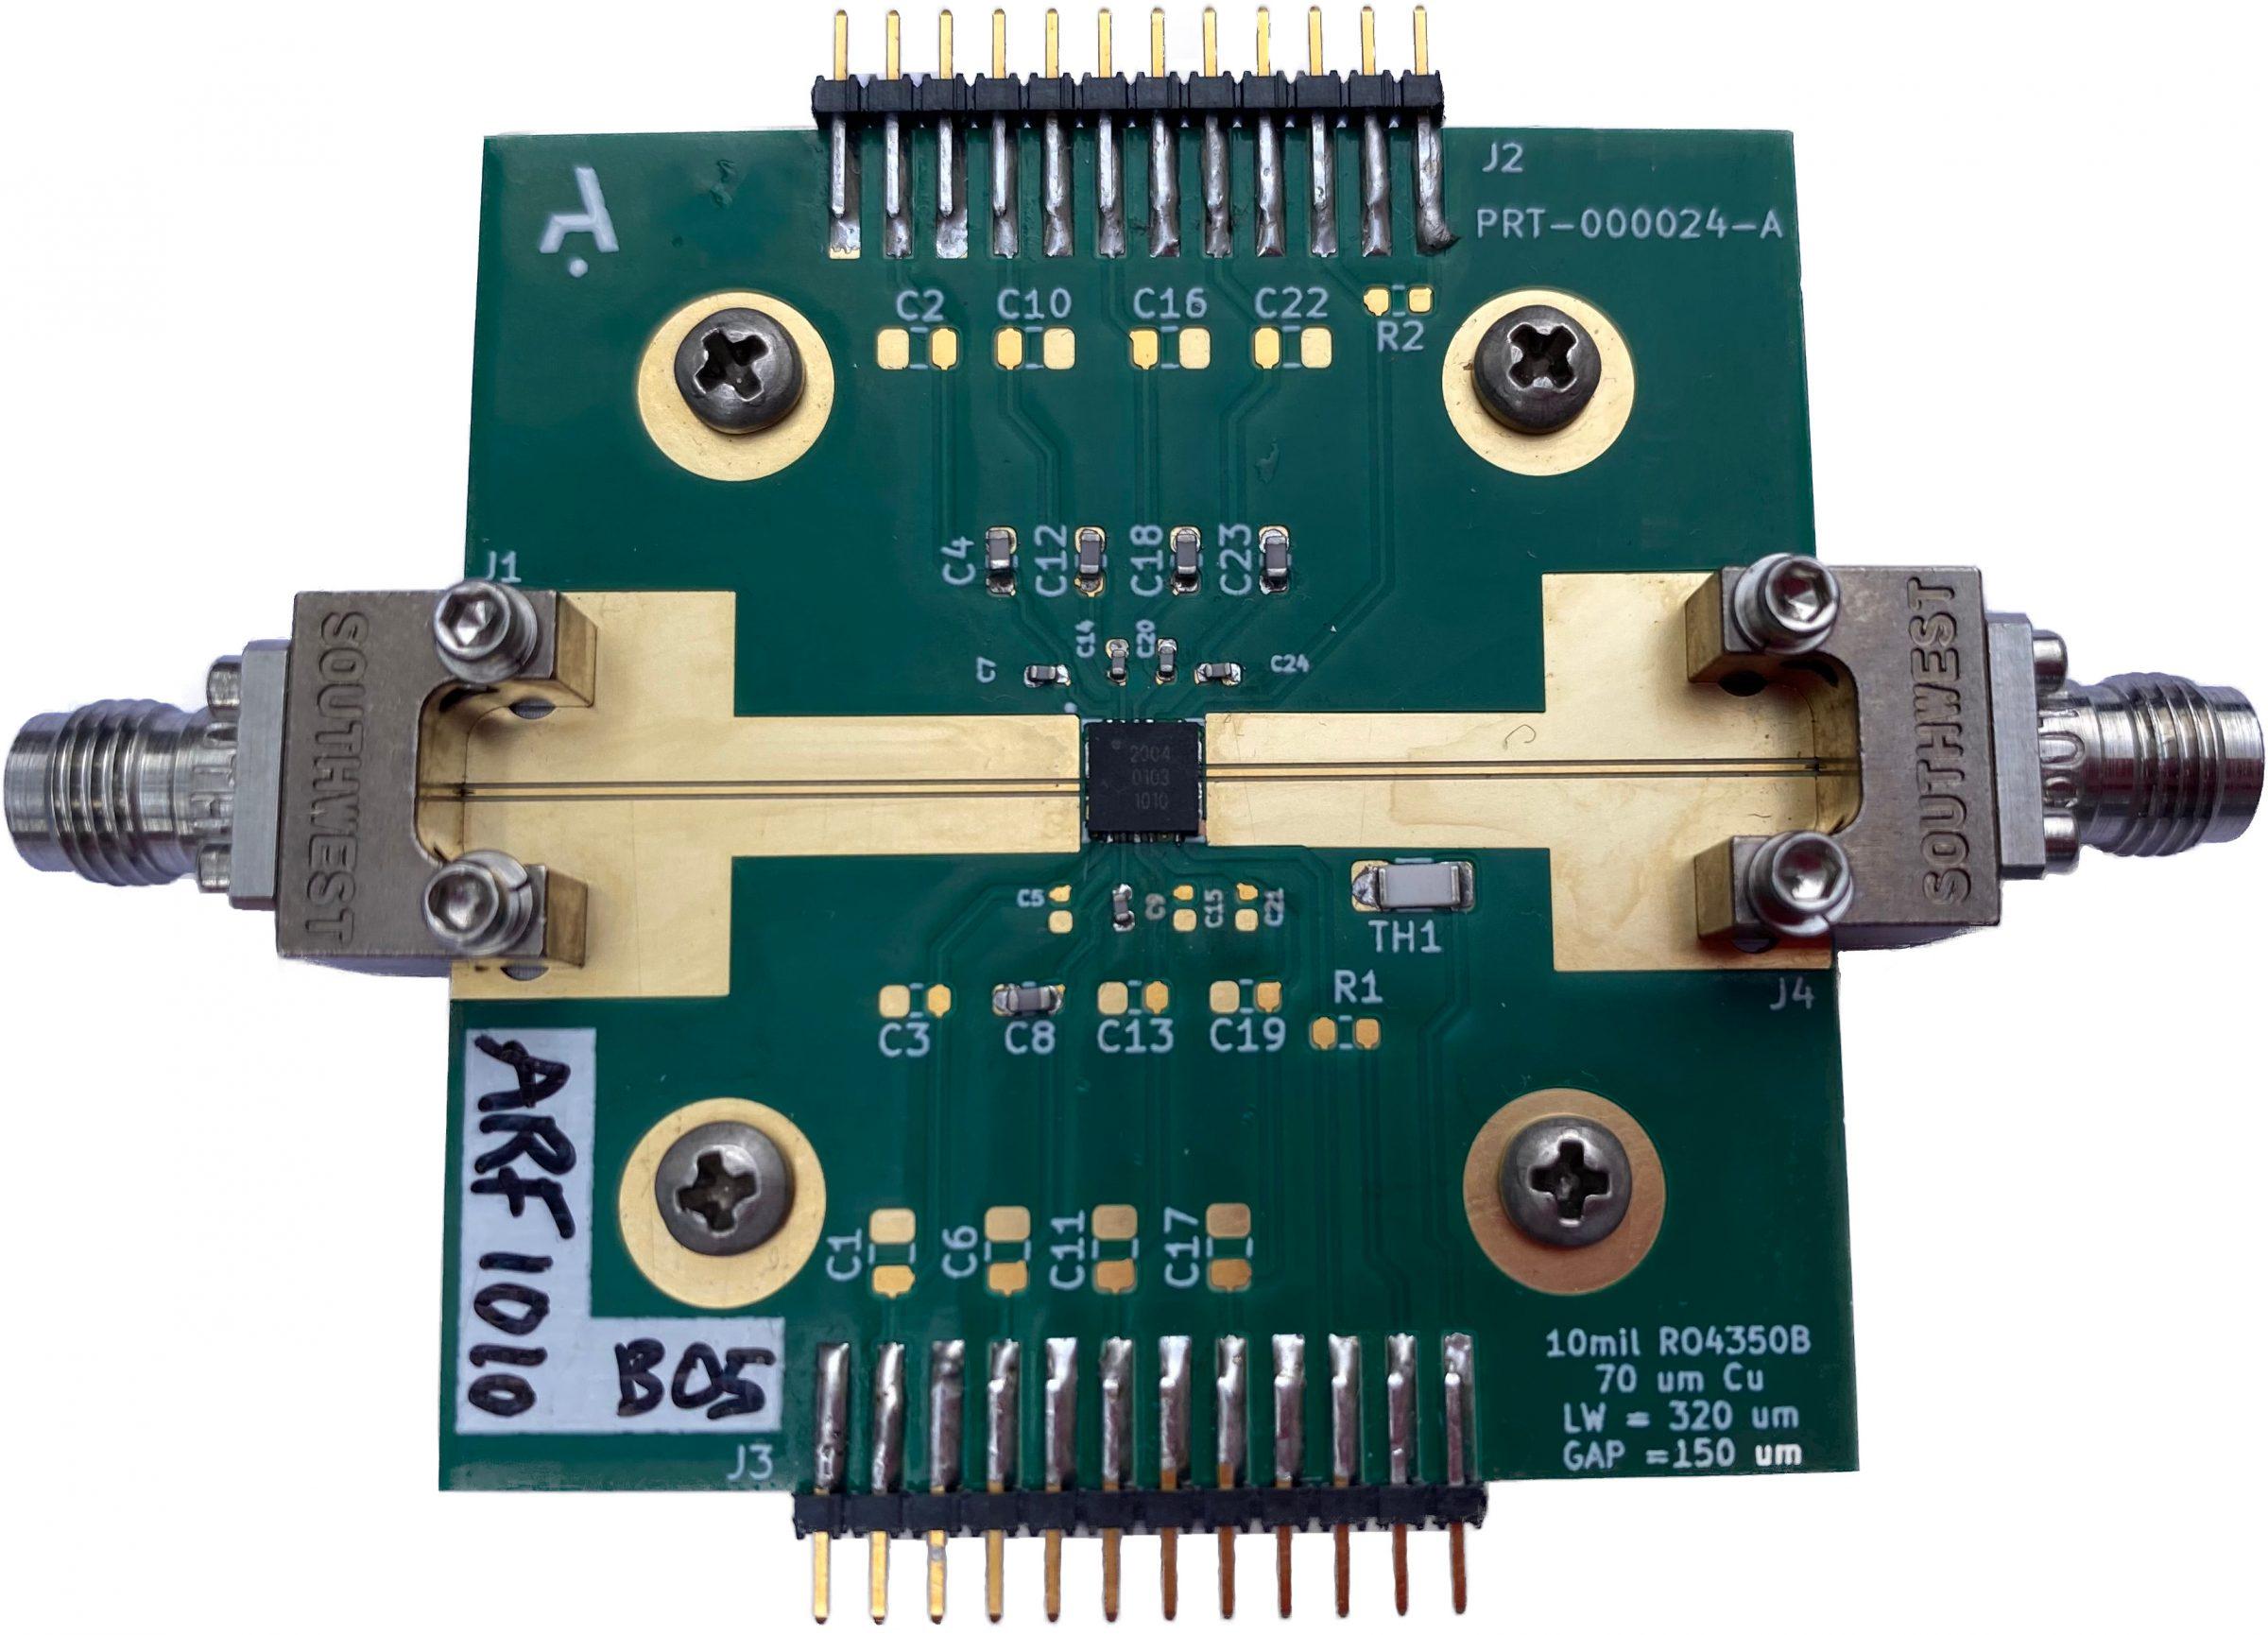 ARF1010Q4 (22-30 GHz) Linear Amplifier